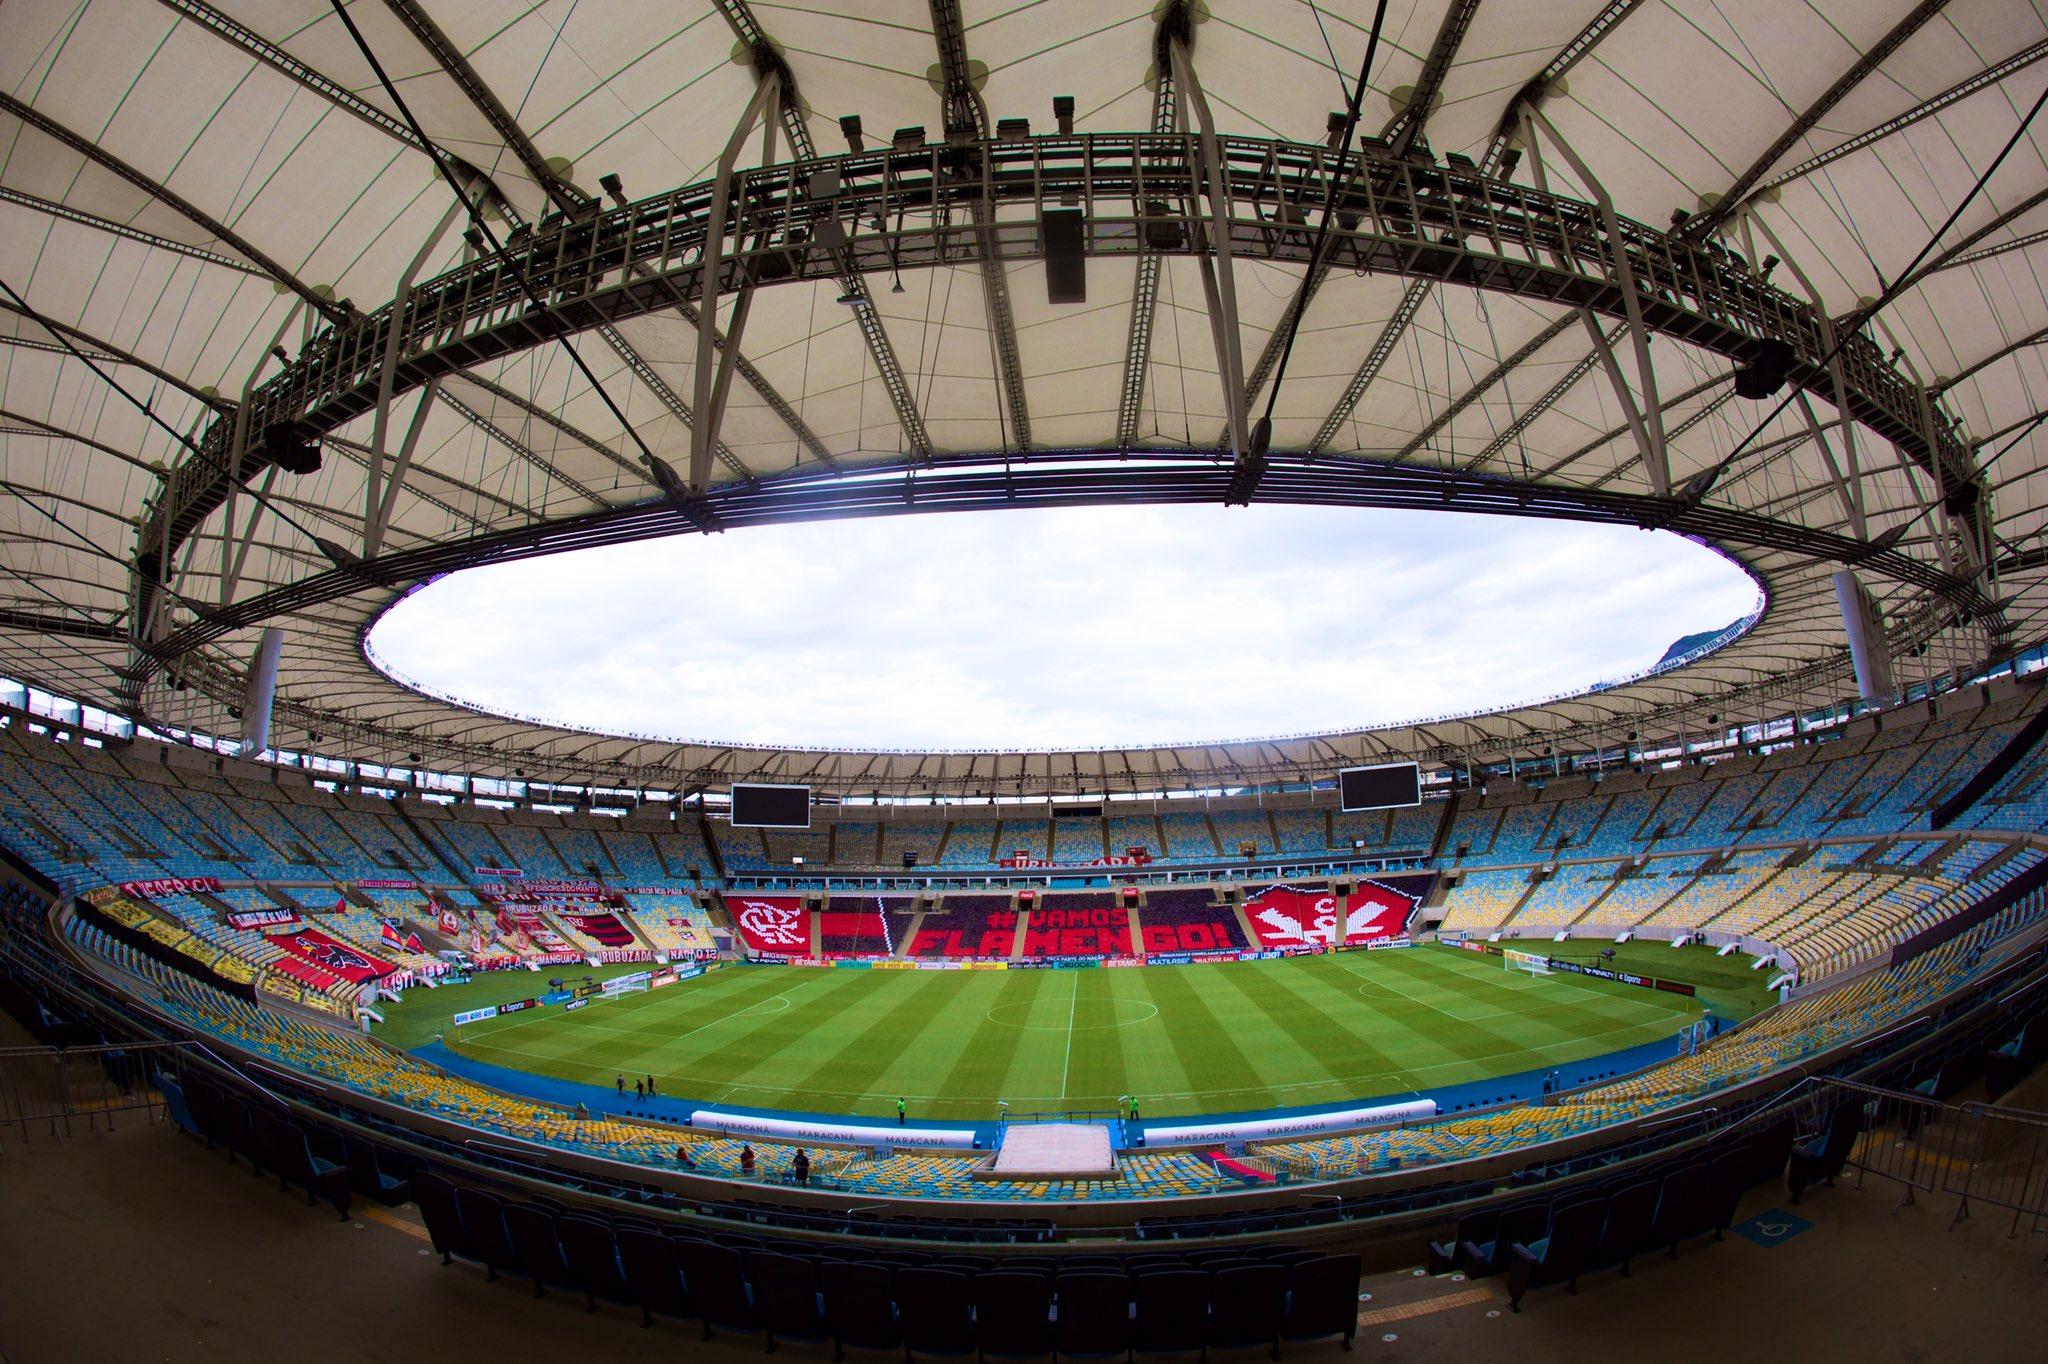 O Flamengo está escalado para o confronto com Macaé, veja aqui os titulares do Mengão